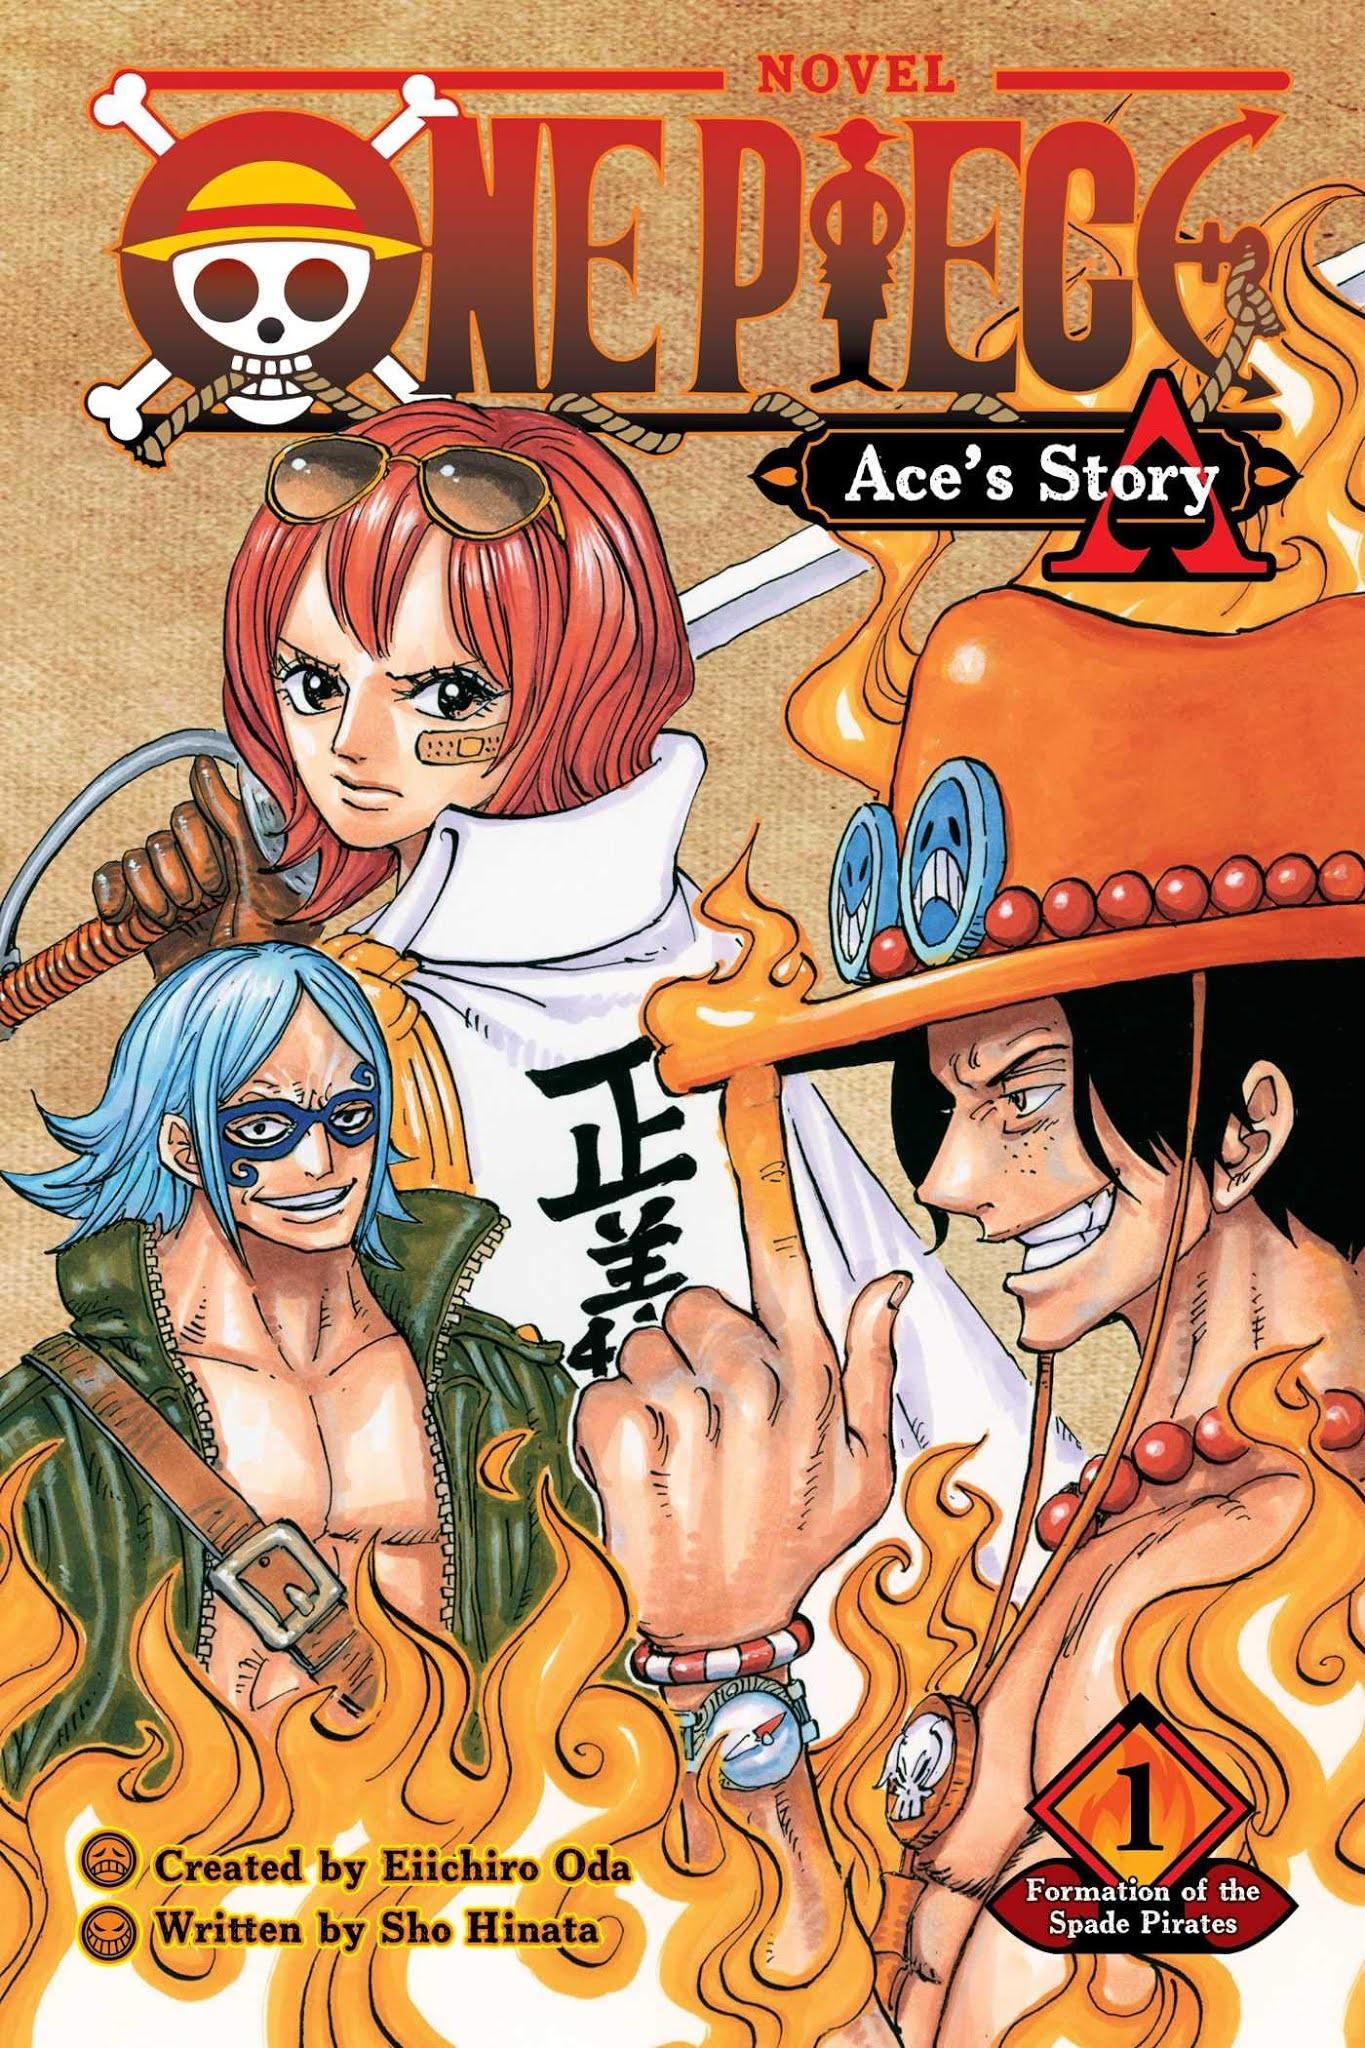 رواية One Piece: novel A(ce) الفصل 3